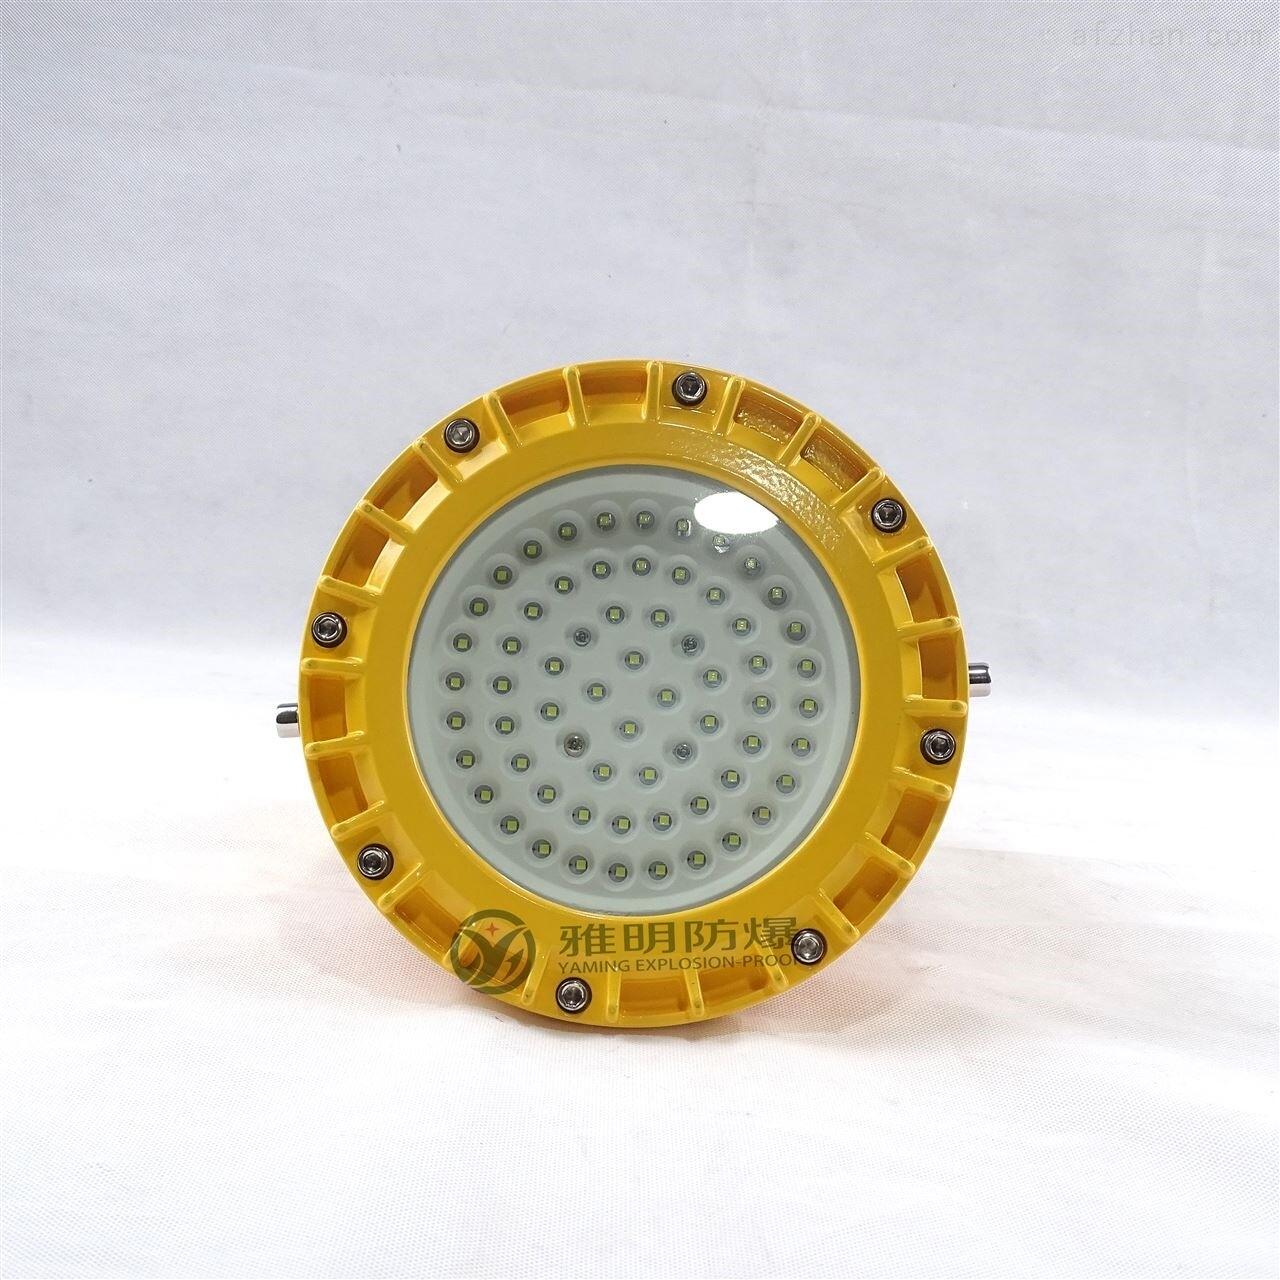 50Wled防爆应急灯 AC220V工厂LED应急照明灯